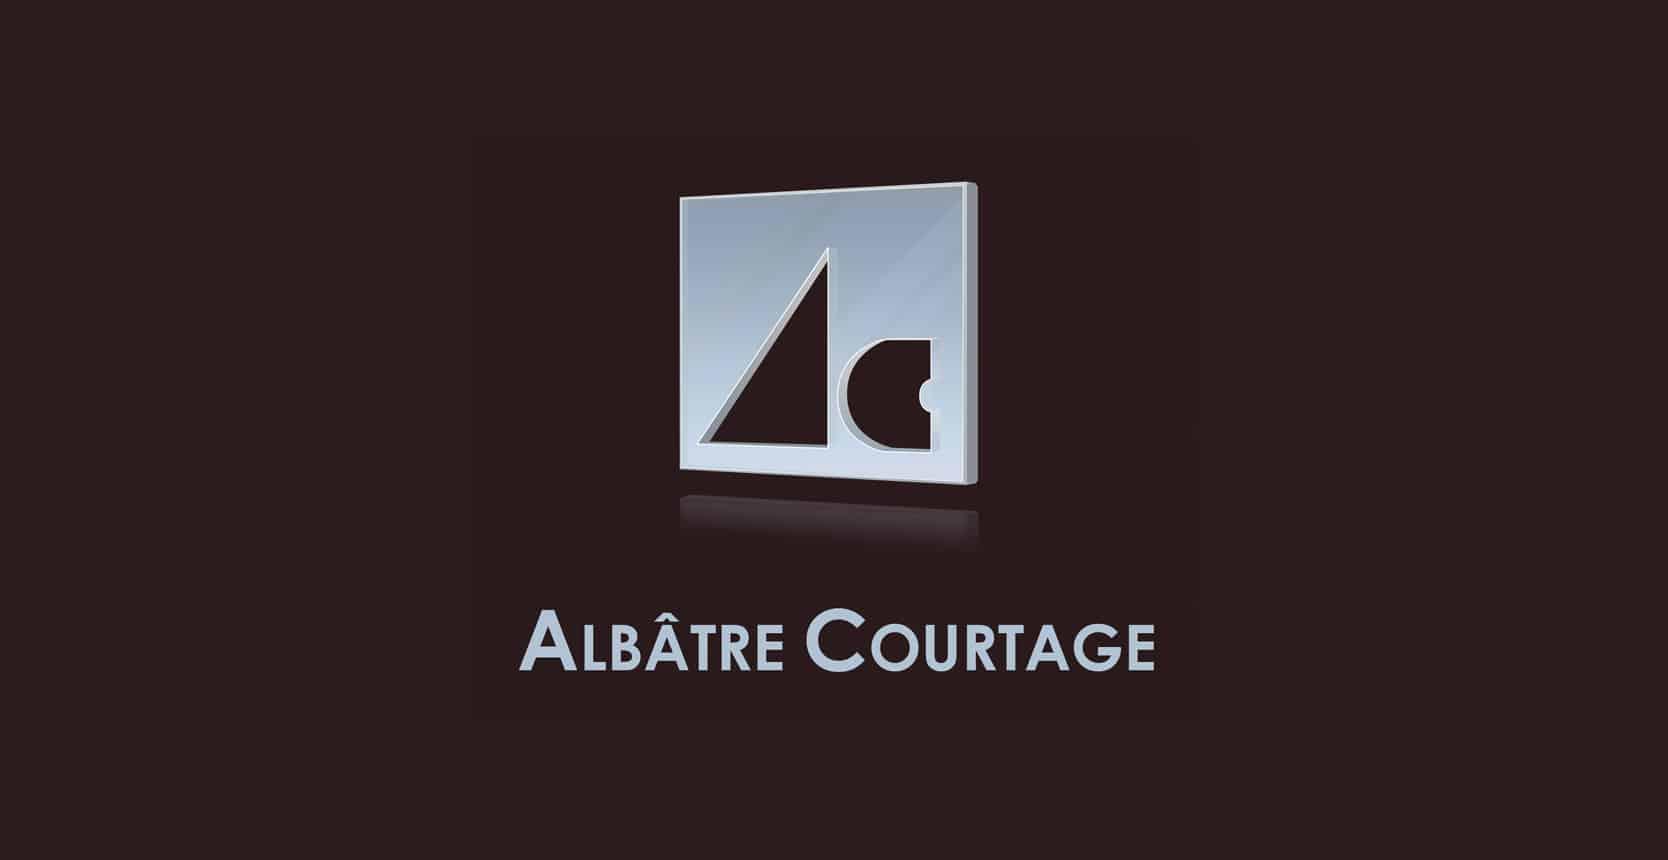 Albatre Courtage